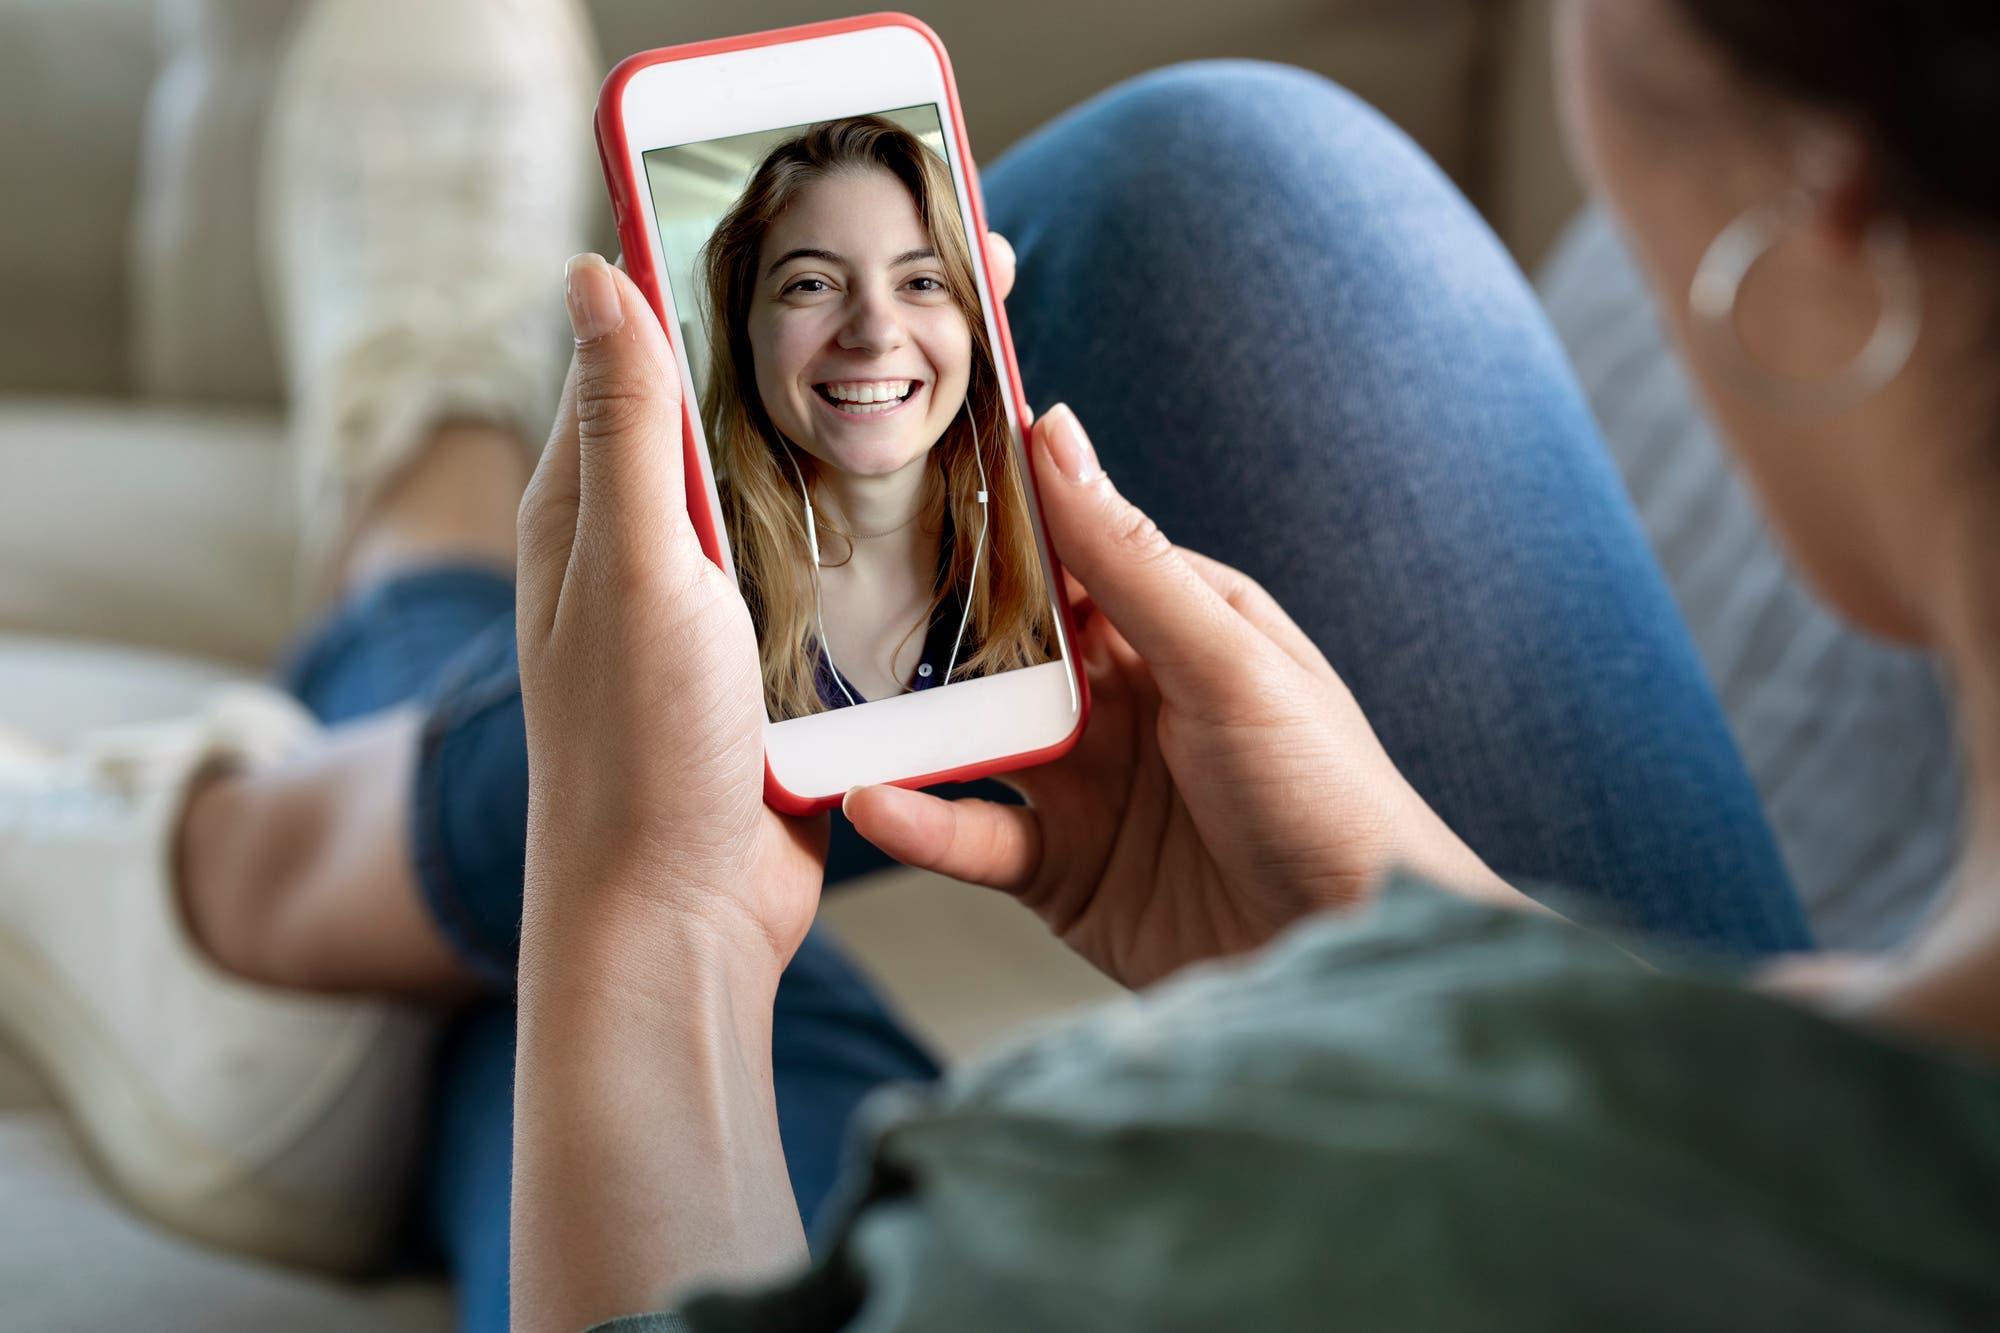 Día del amigo: los argentinos celebraron con animaciones GIF y videollamadas de WhatsApp